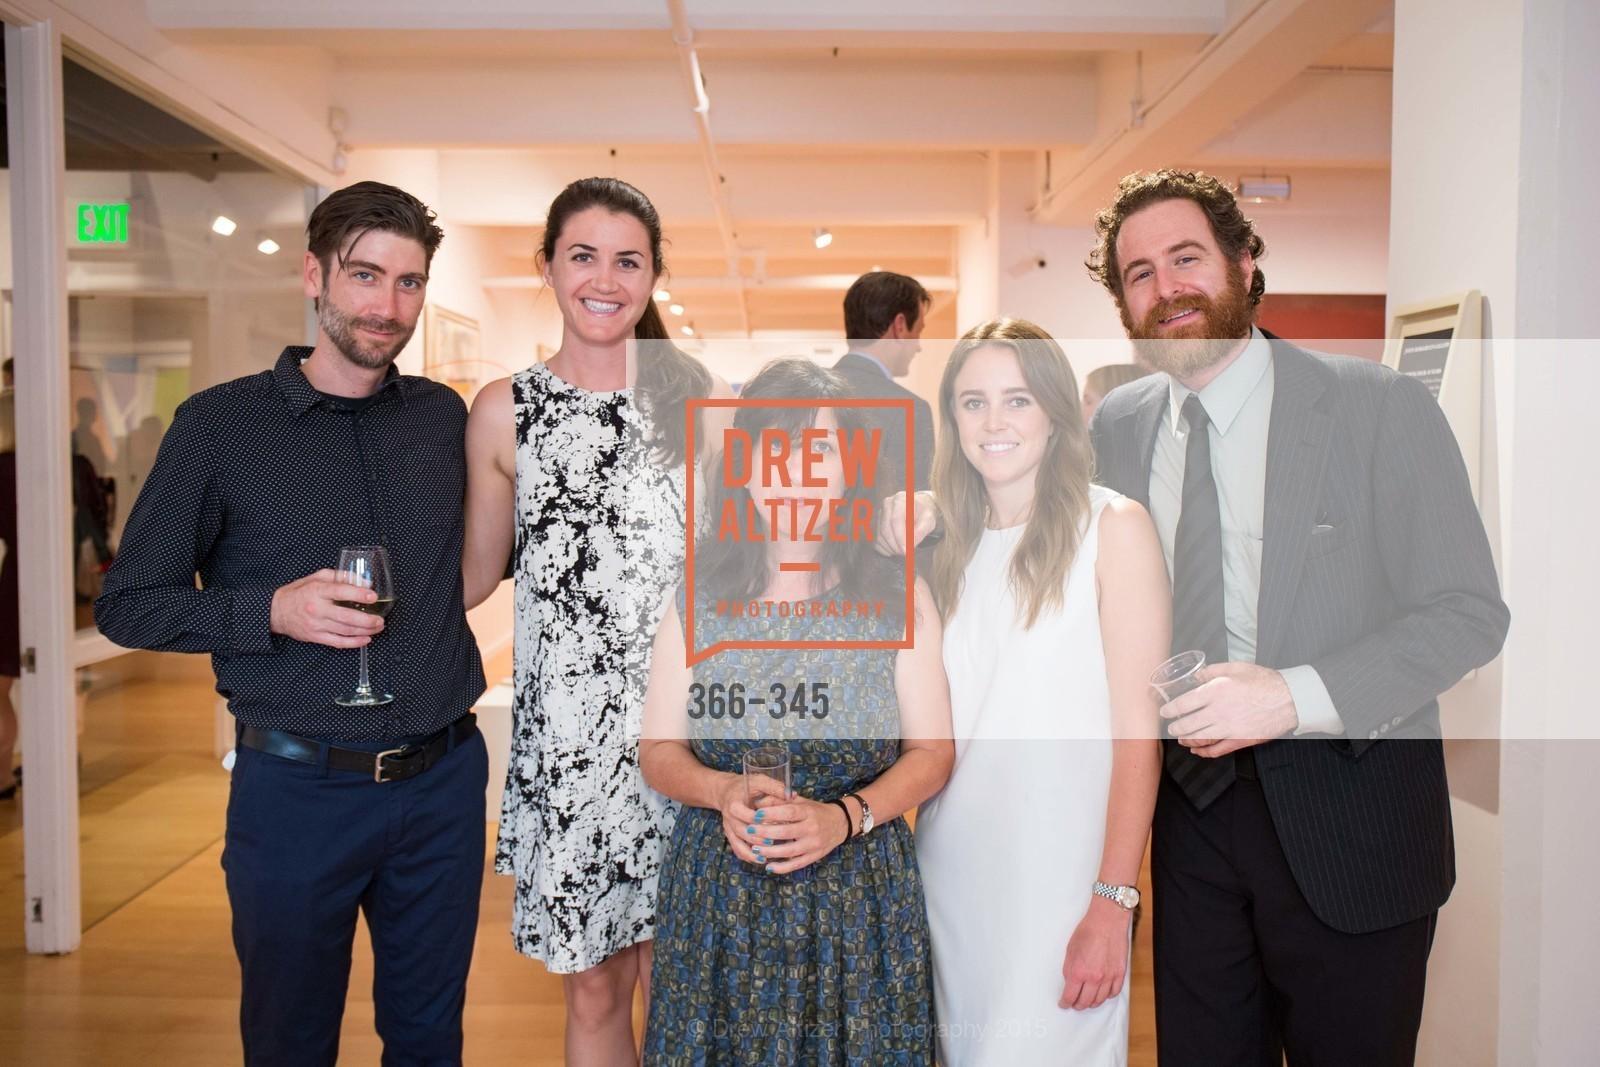 Naman Rosen, Arielle Younger, Mary Patterson, Camille Gillett, Scott Schryber, John Berggruen Gallery presents